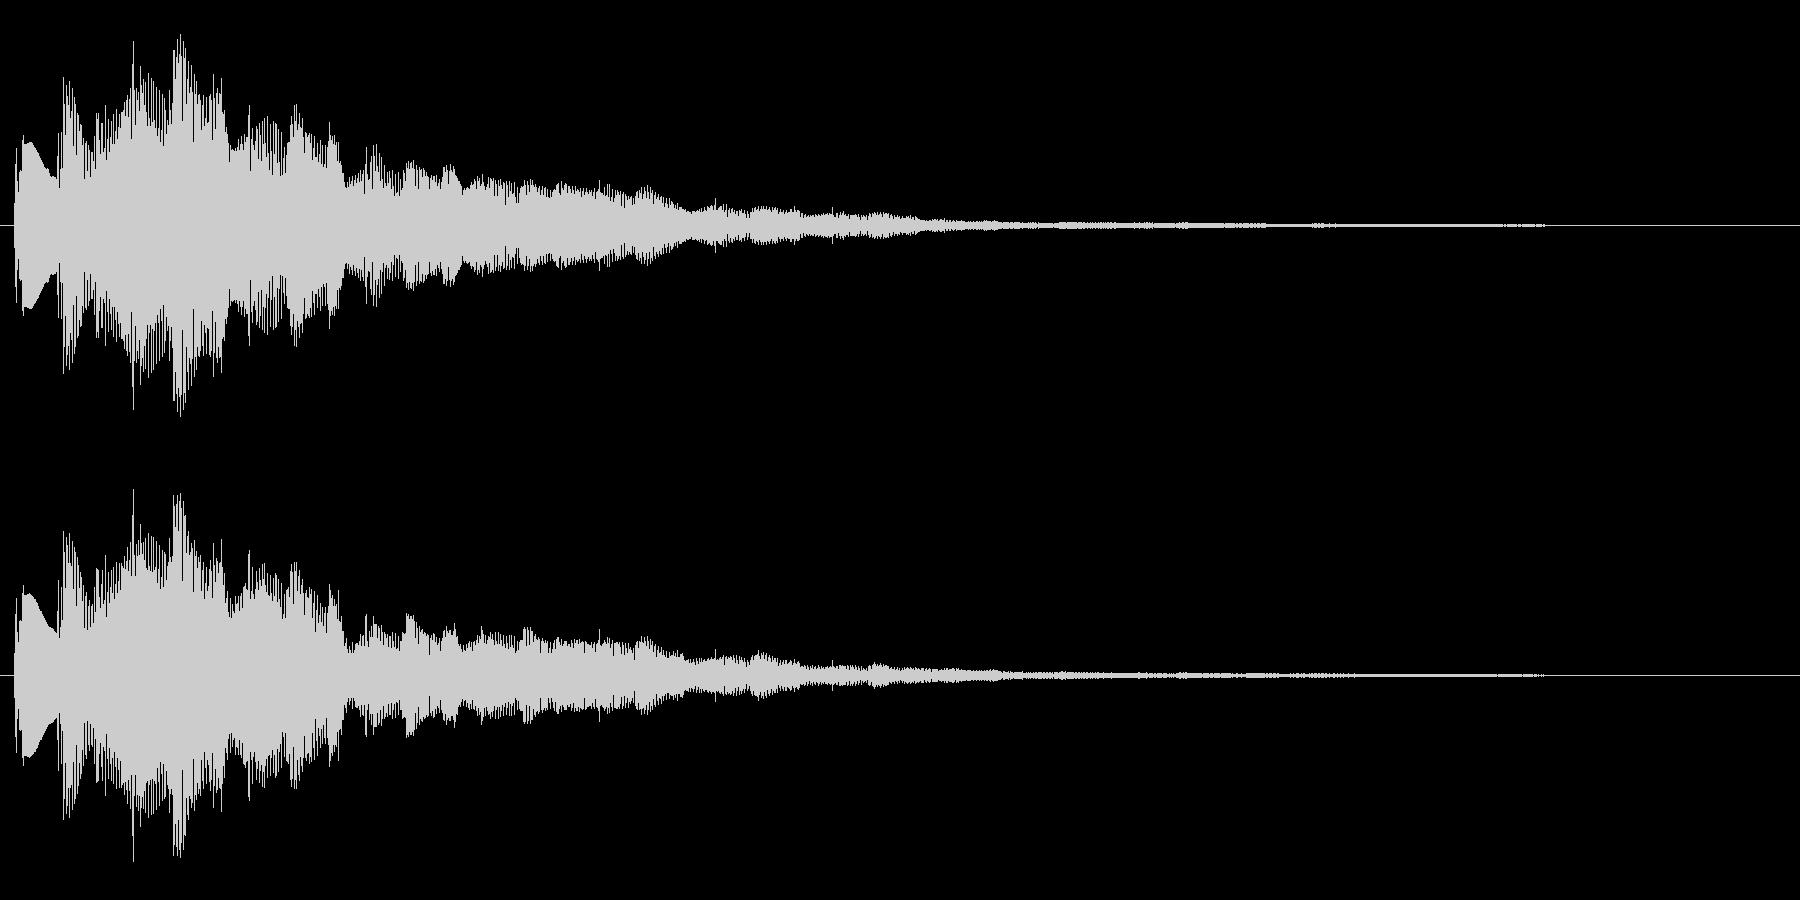 おしゃれなセレクト・ポーズ・決定音2 長の未再生の波形